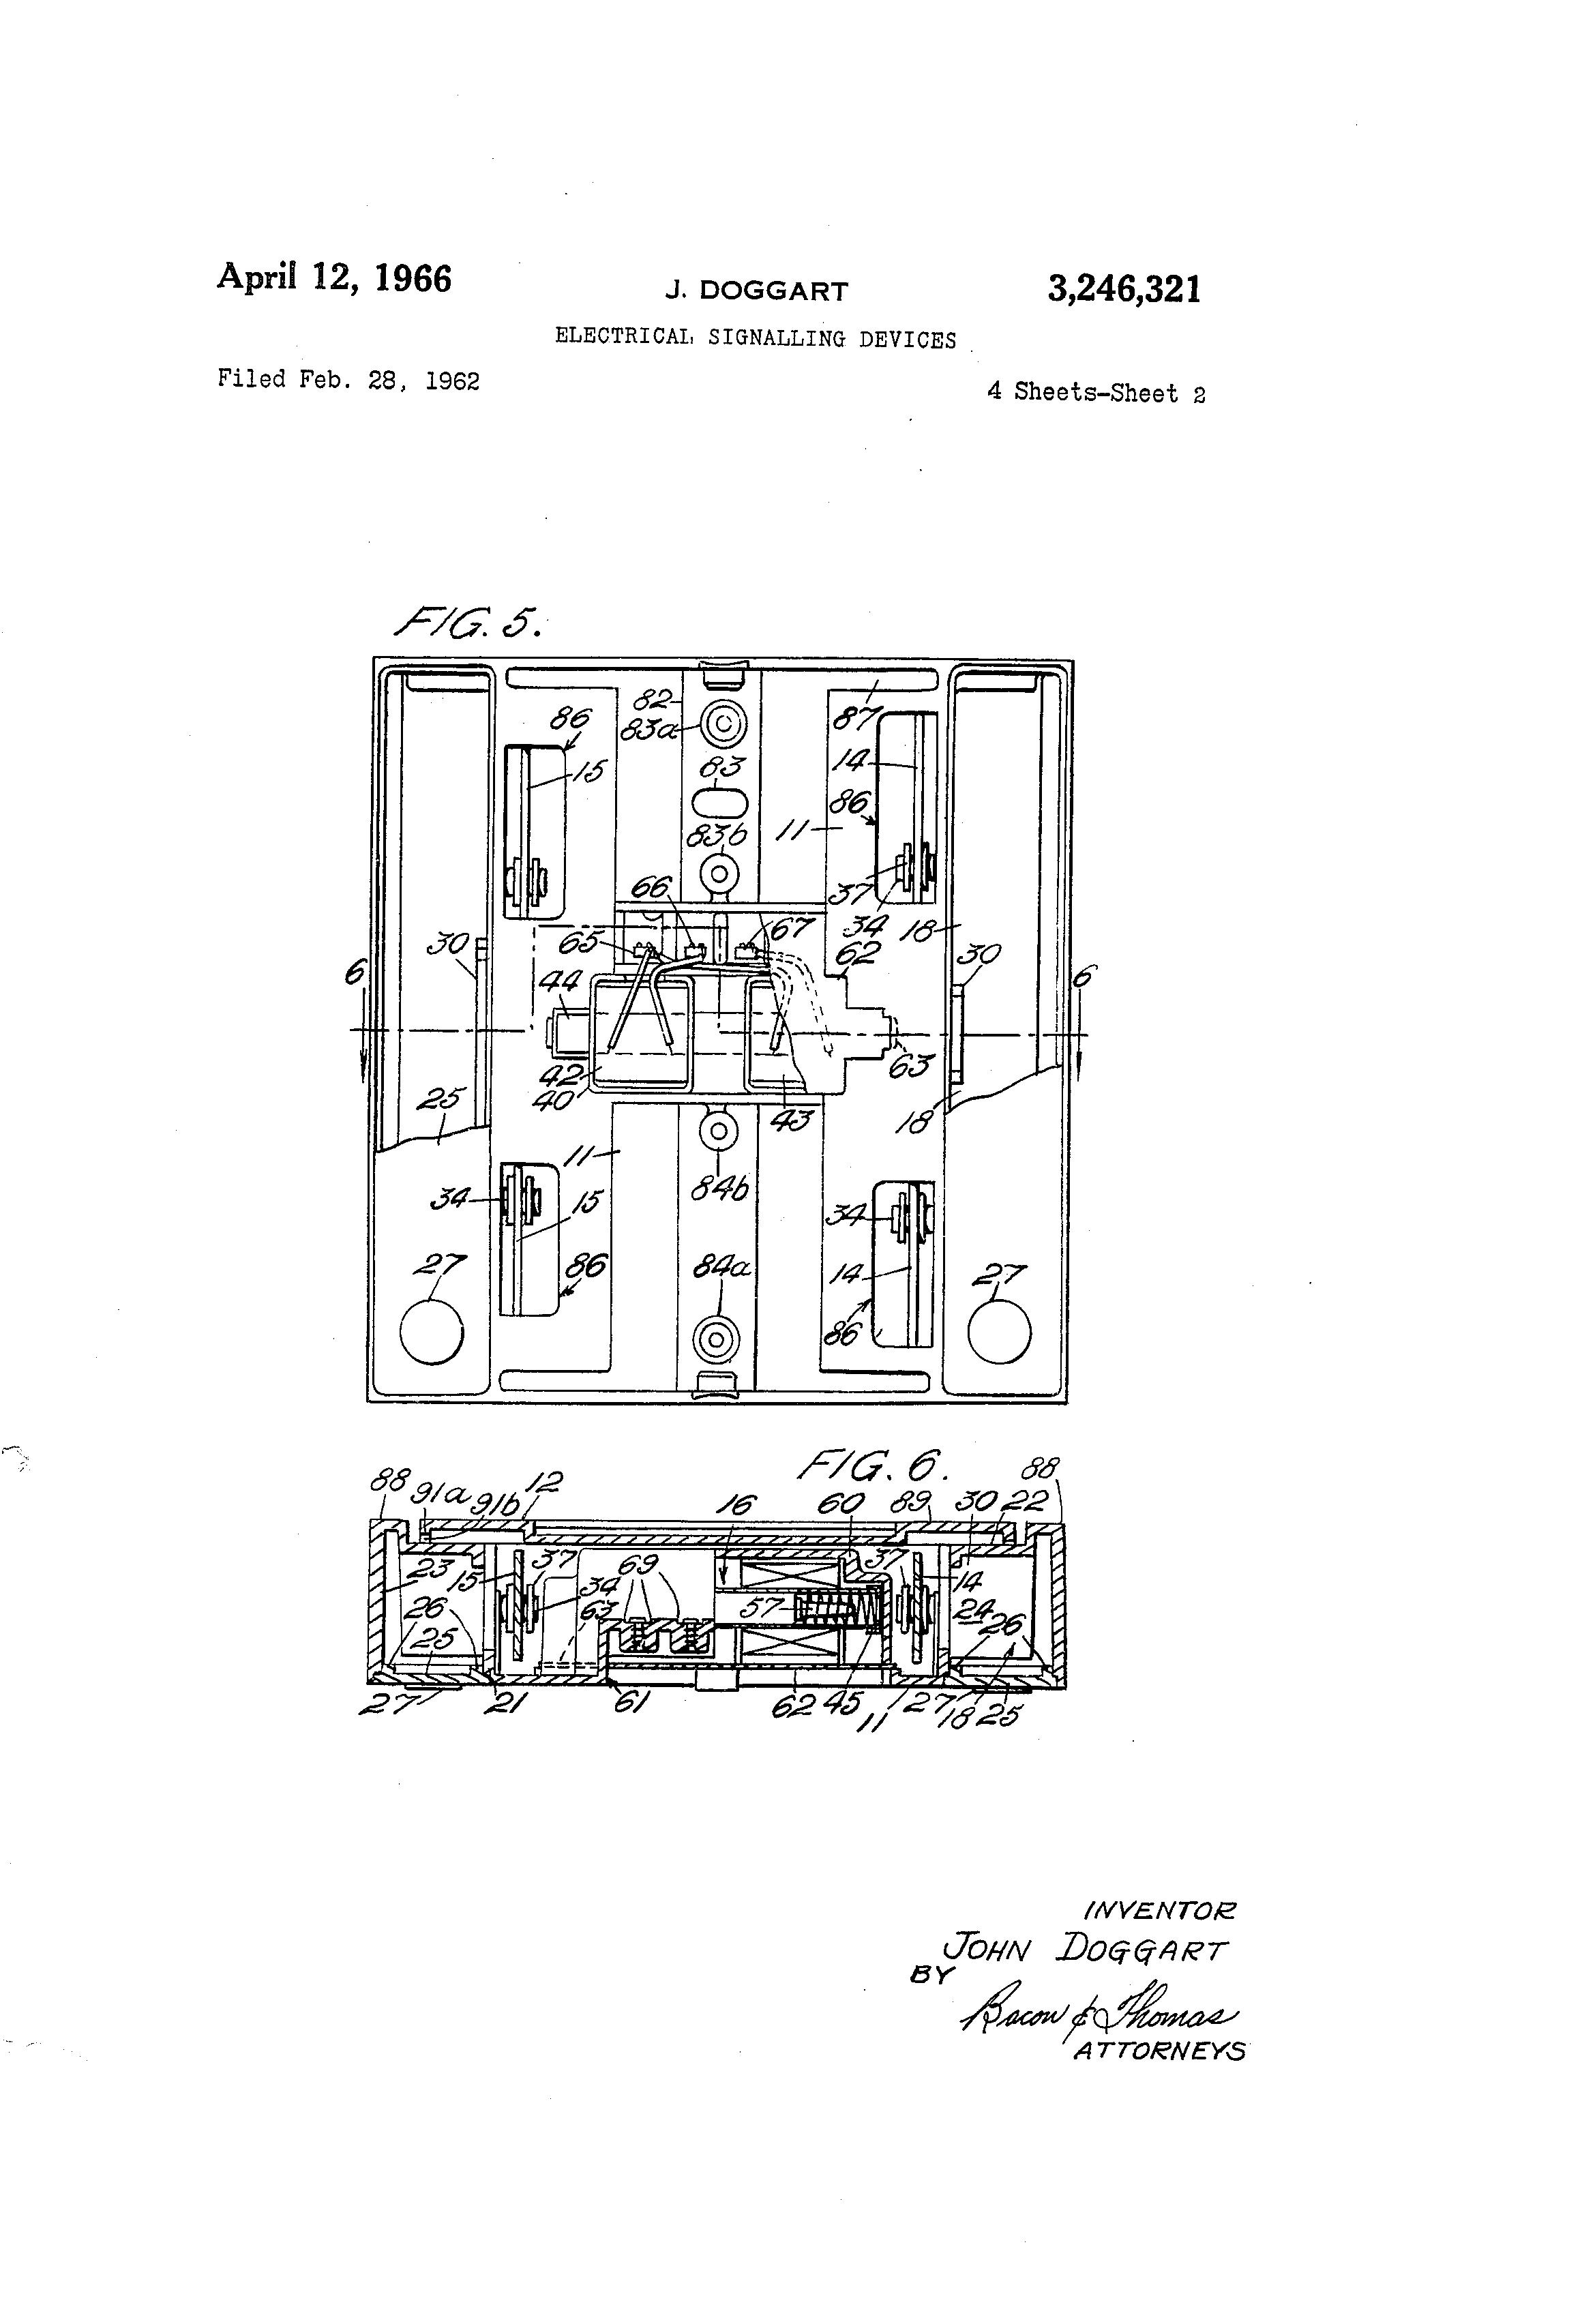 door chime wiring diagram door image wiring diagram wiring diagram friedland door chimes diagram on door chime wiring diagram